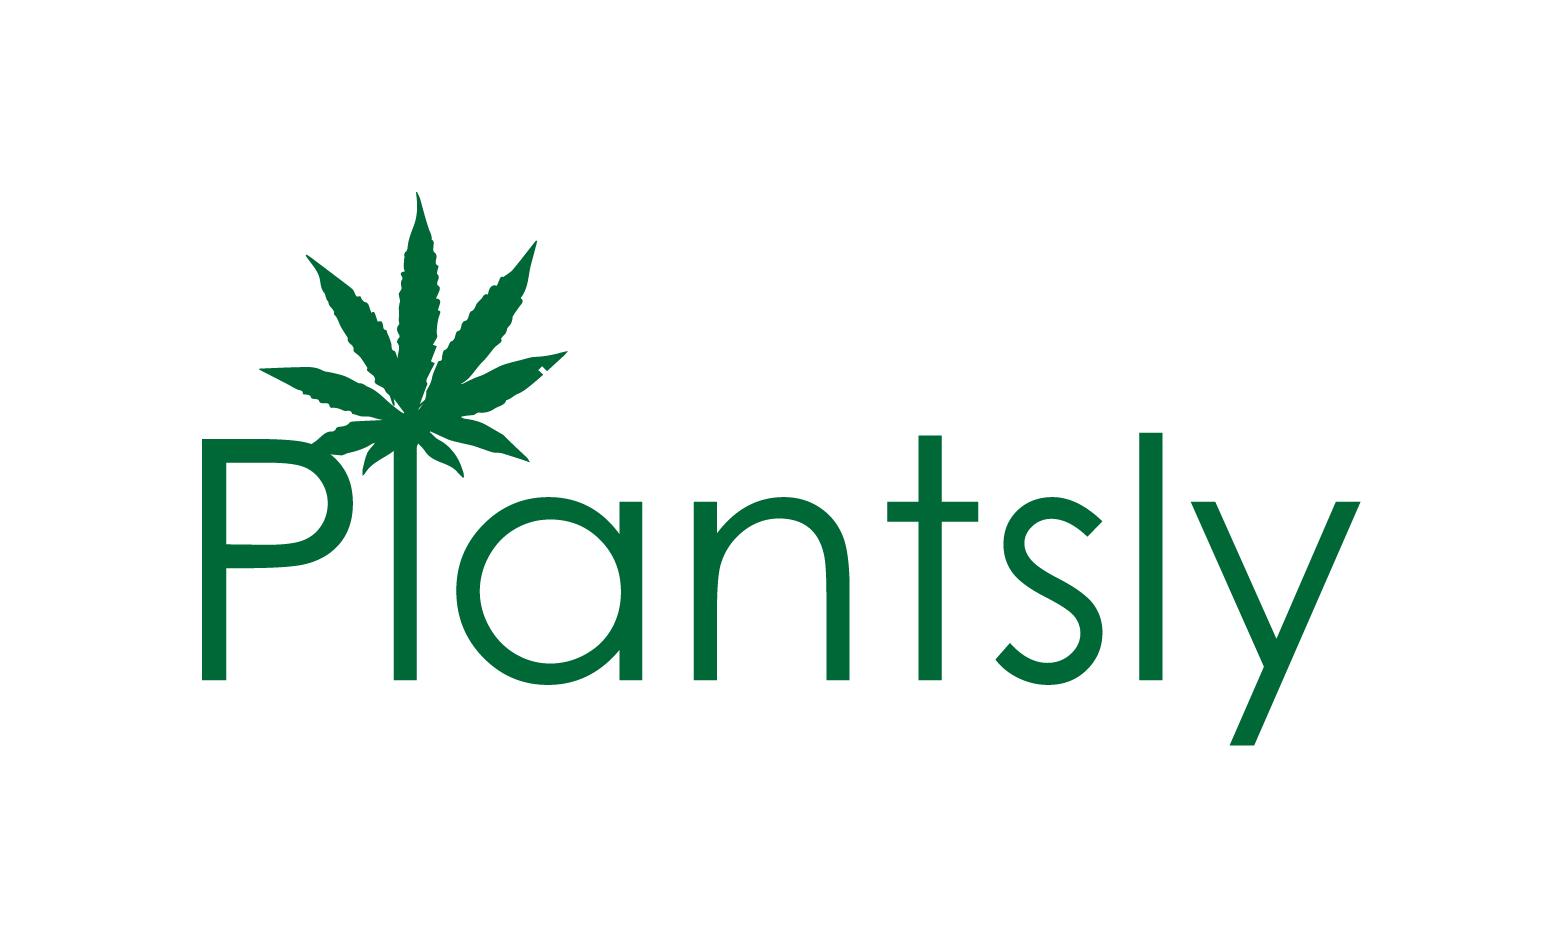 Plantsly.com